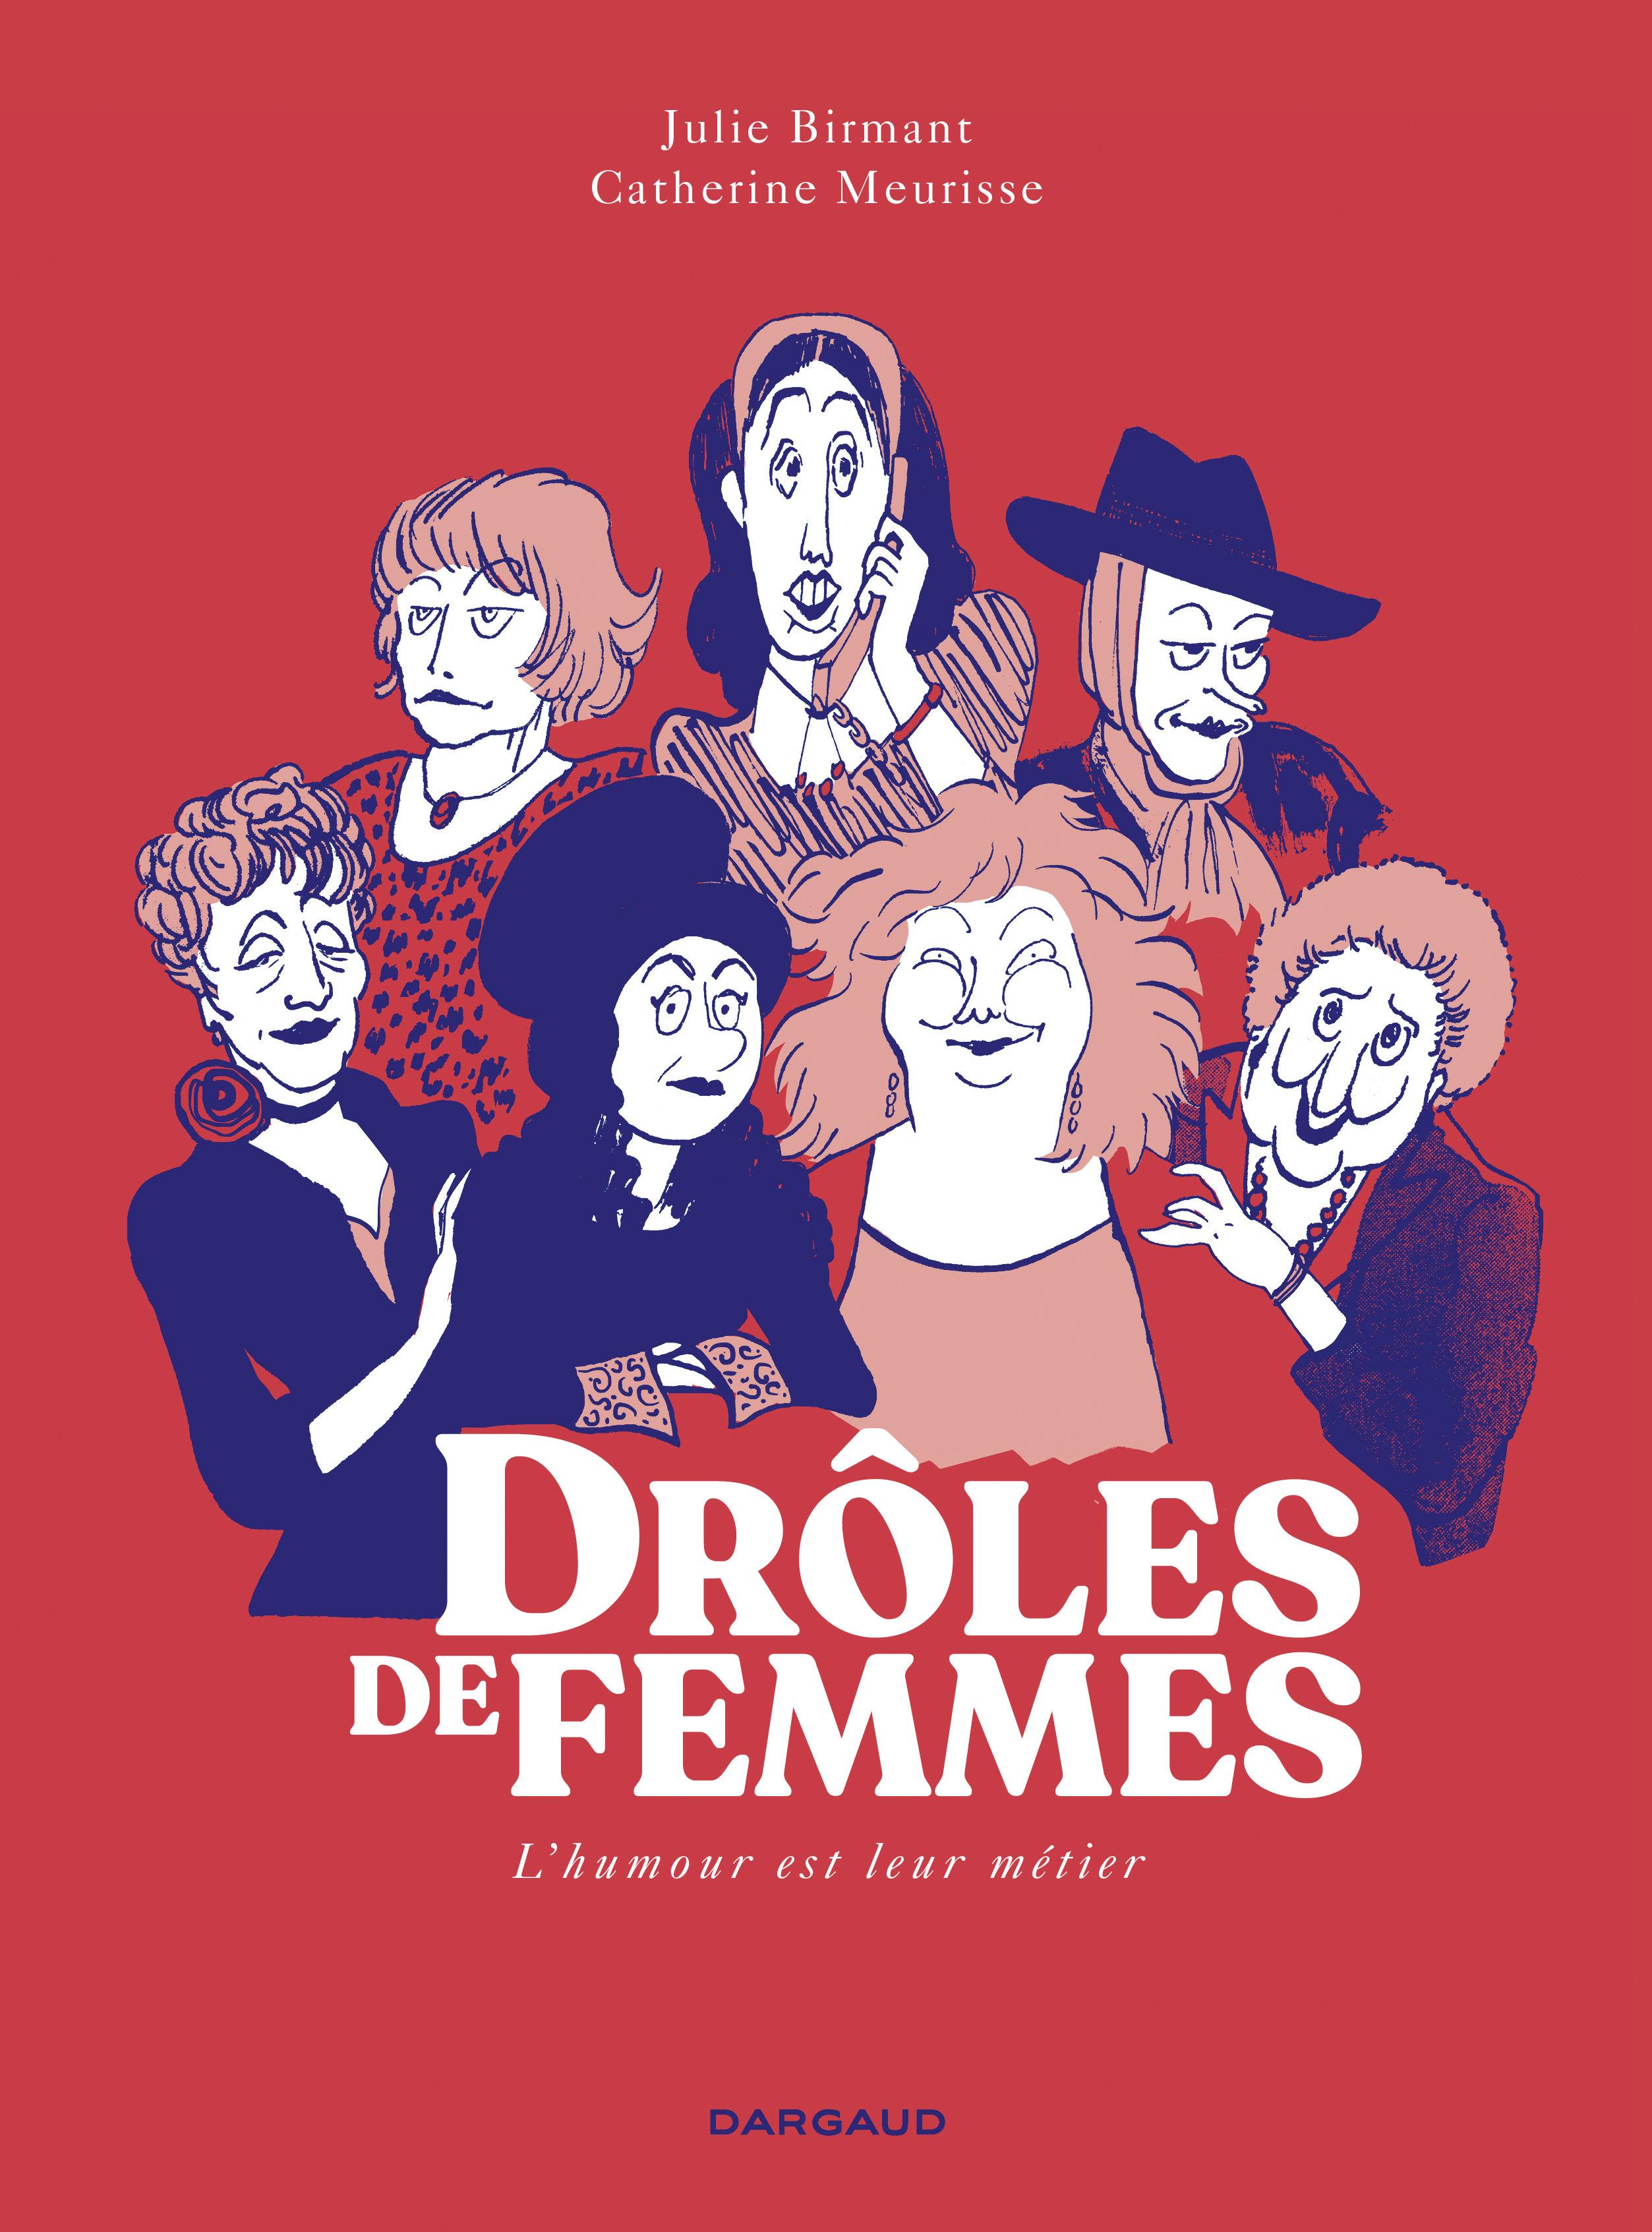 Bandes Dessinees Droles De Femmes Dargaud